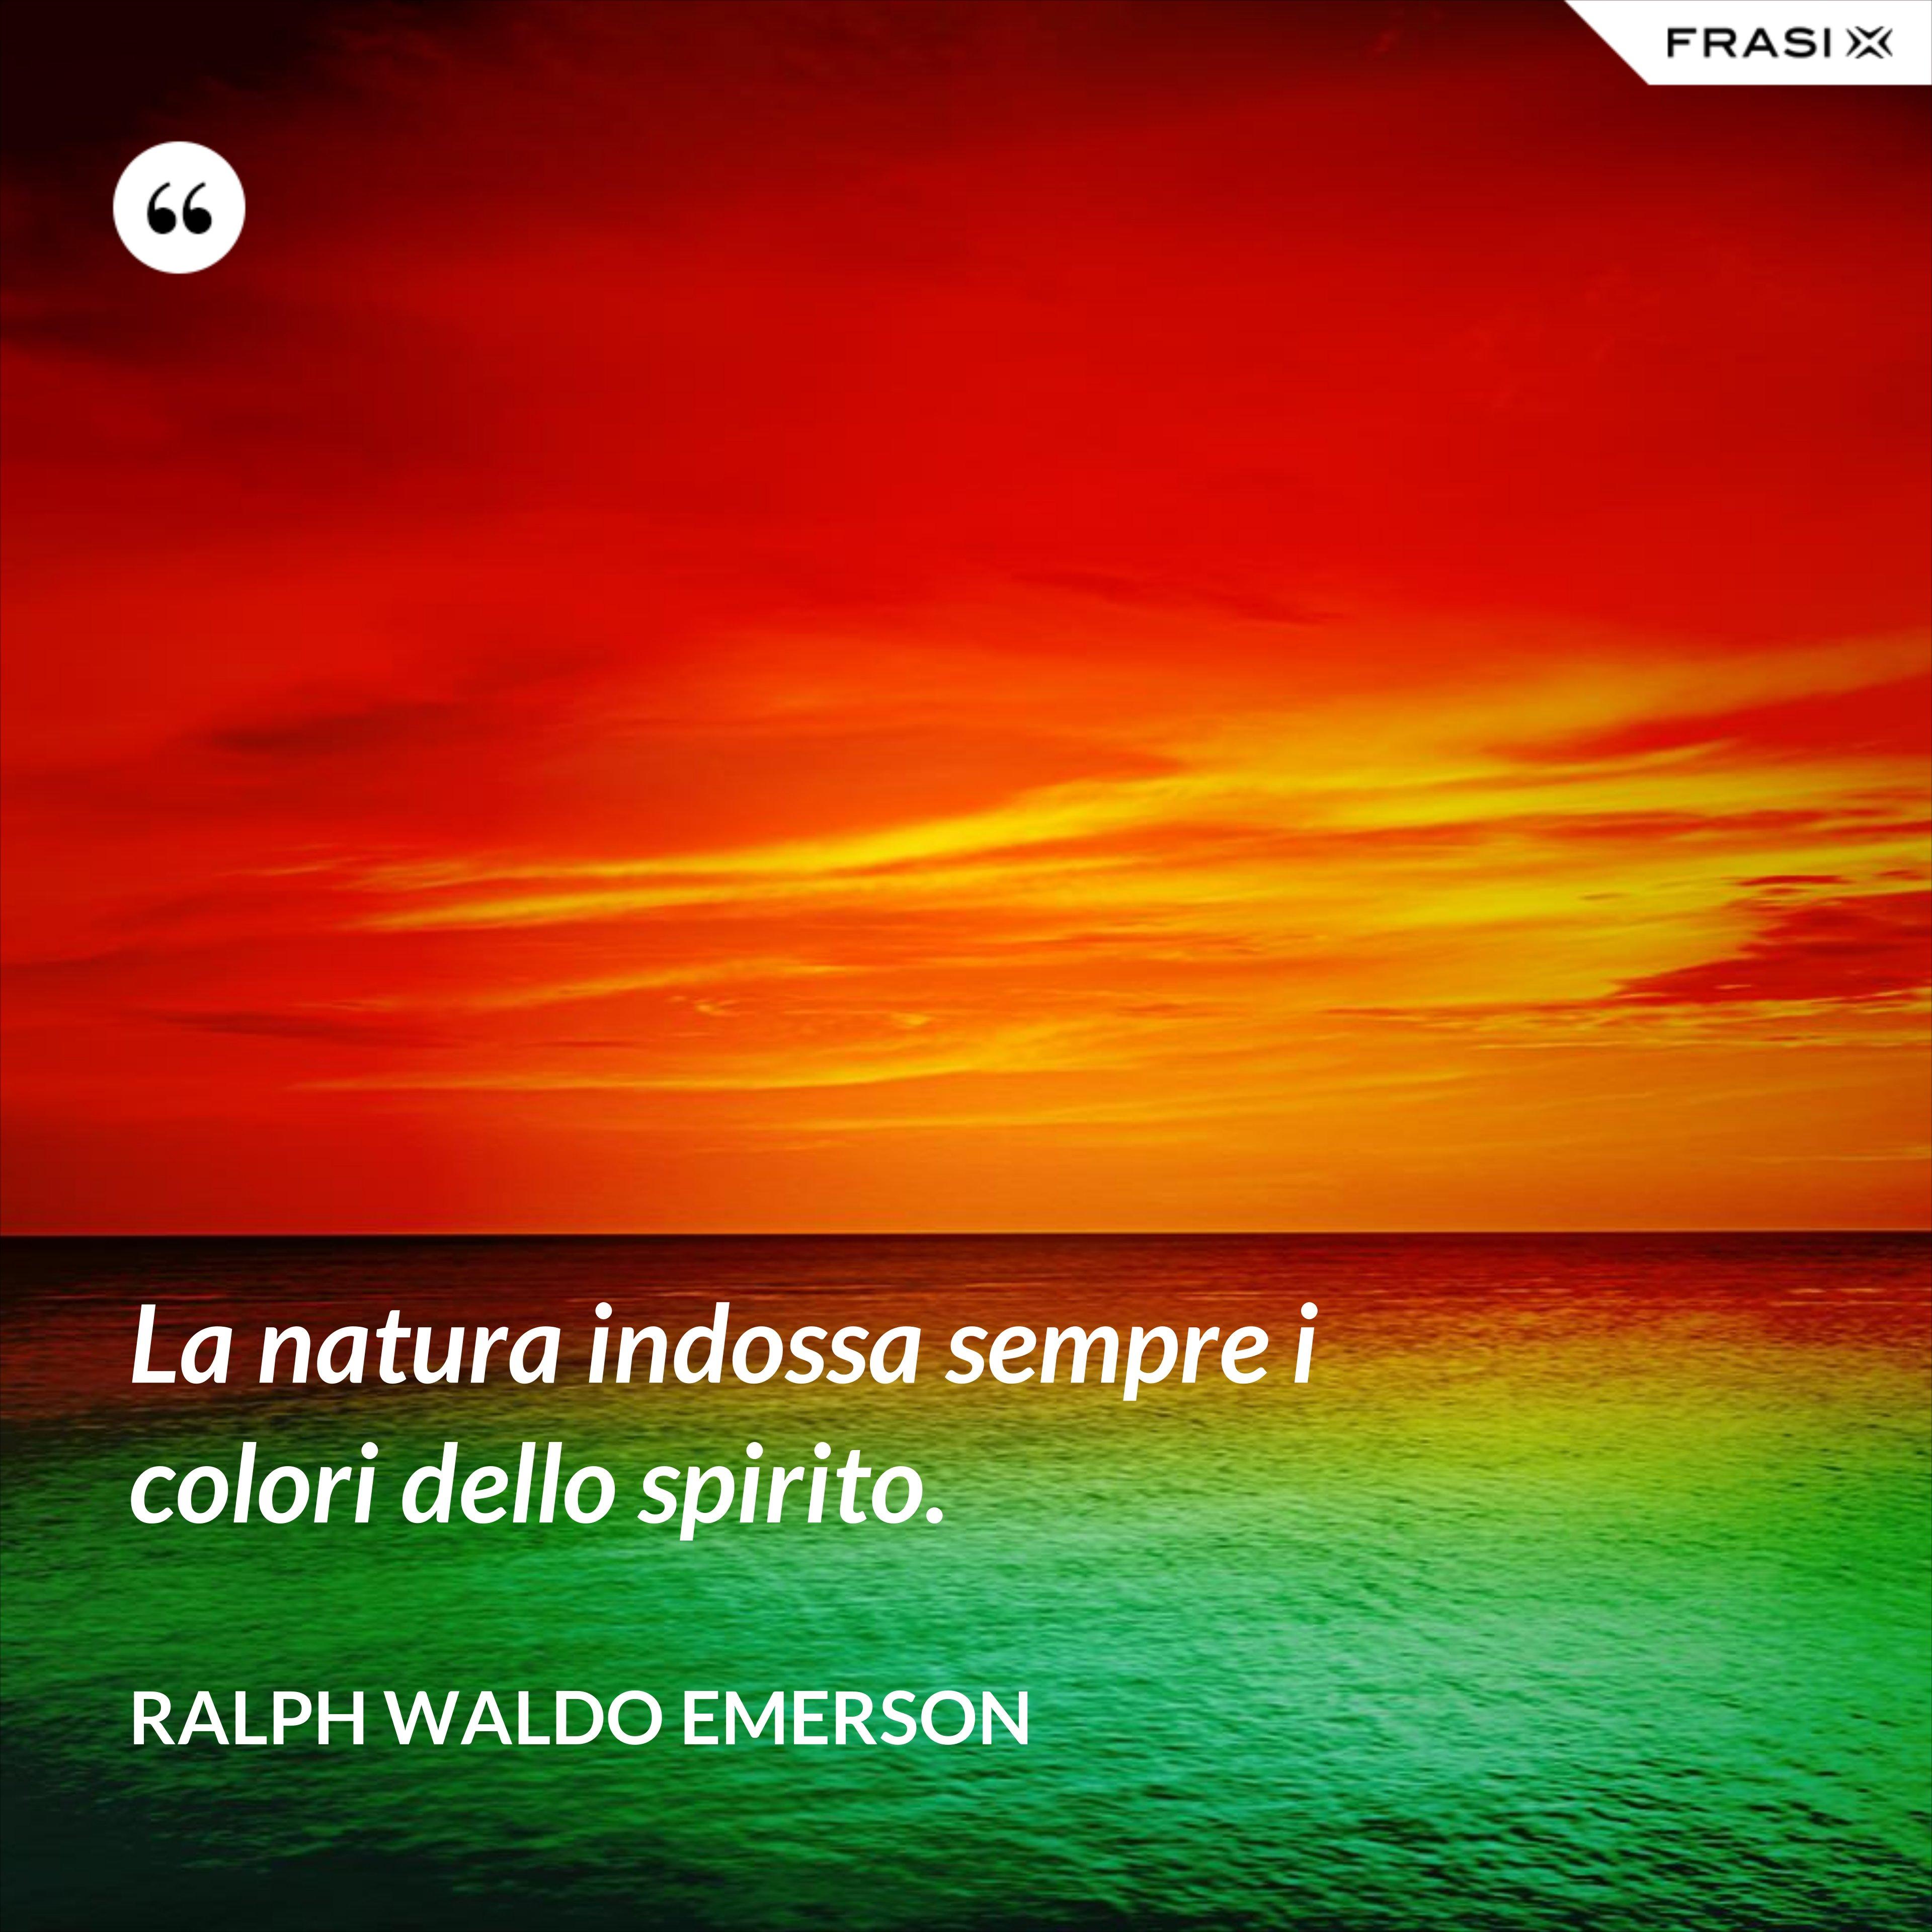 La natura indossa sempre i colori dello spirito. - Ralph Waldo Emerson